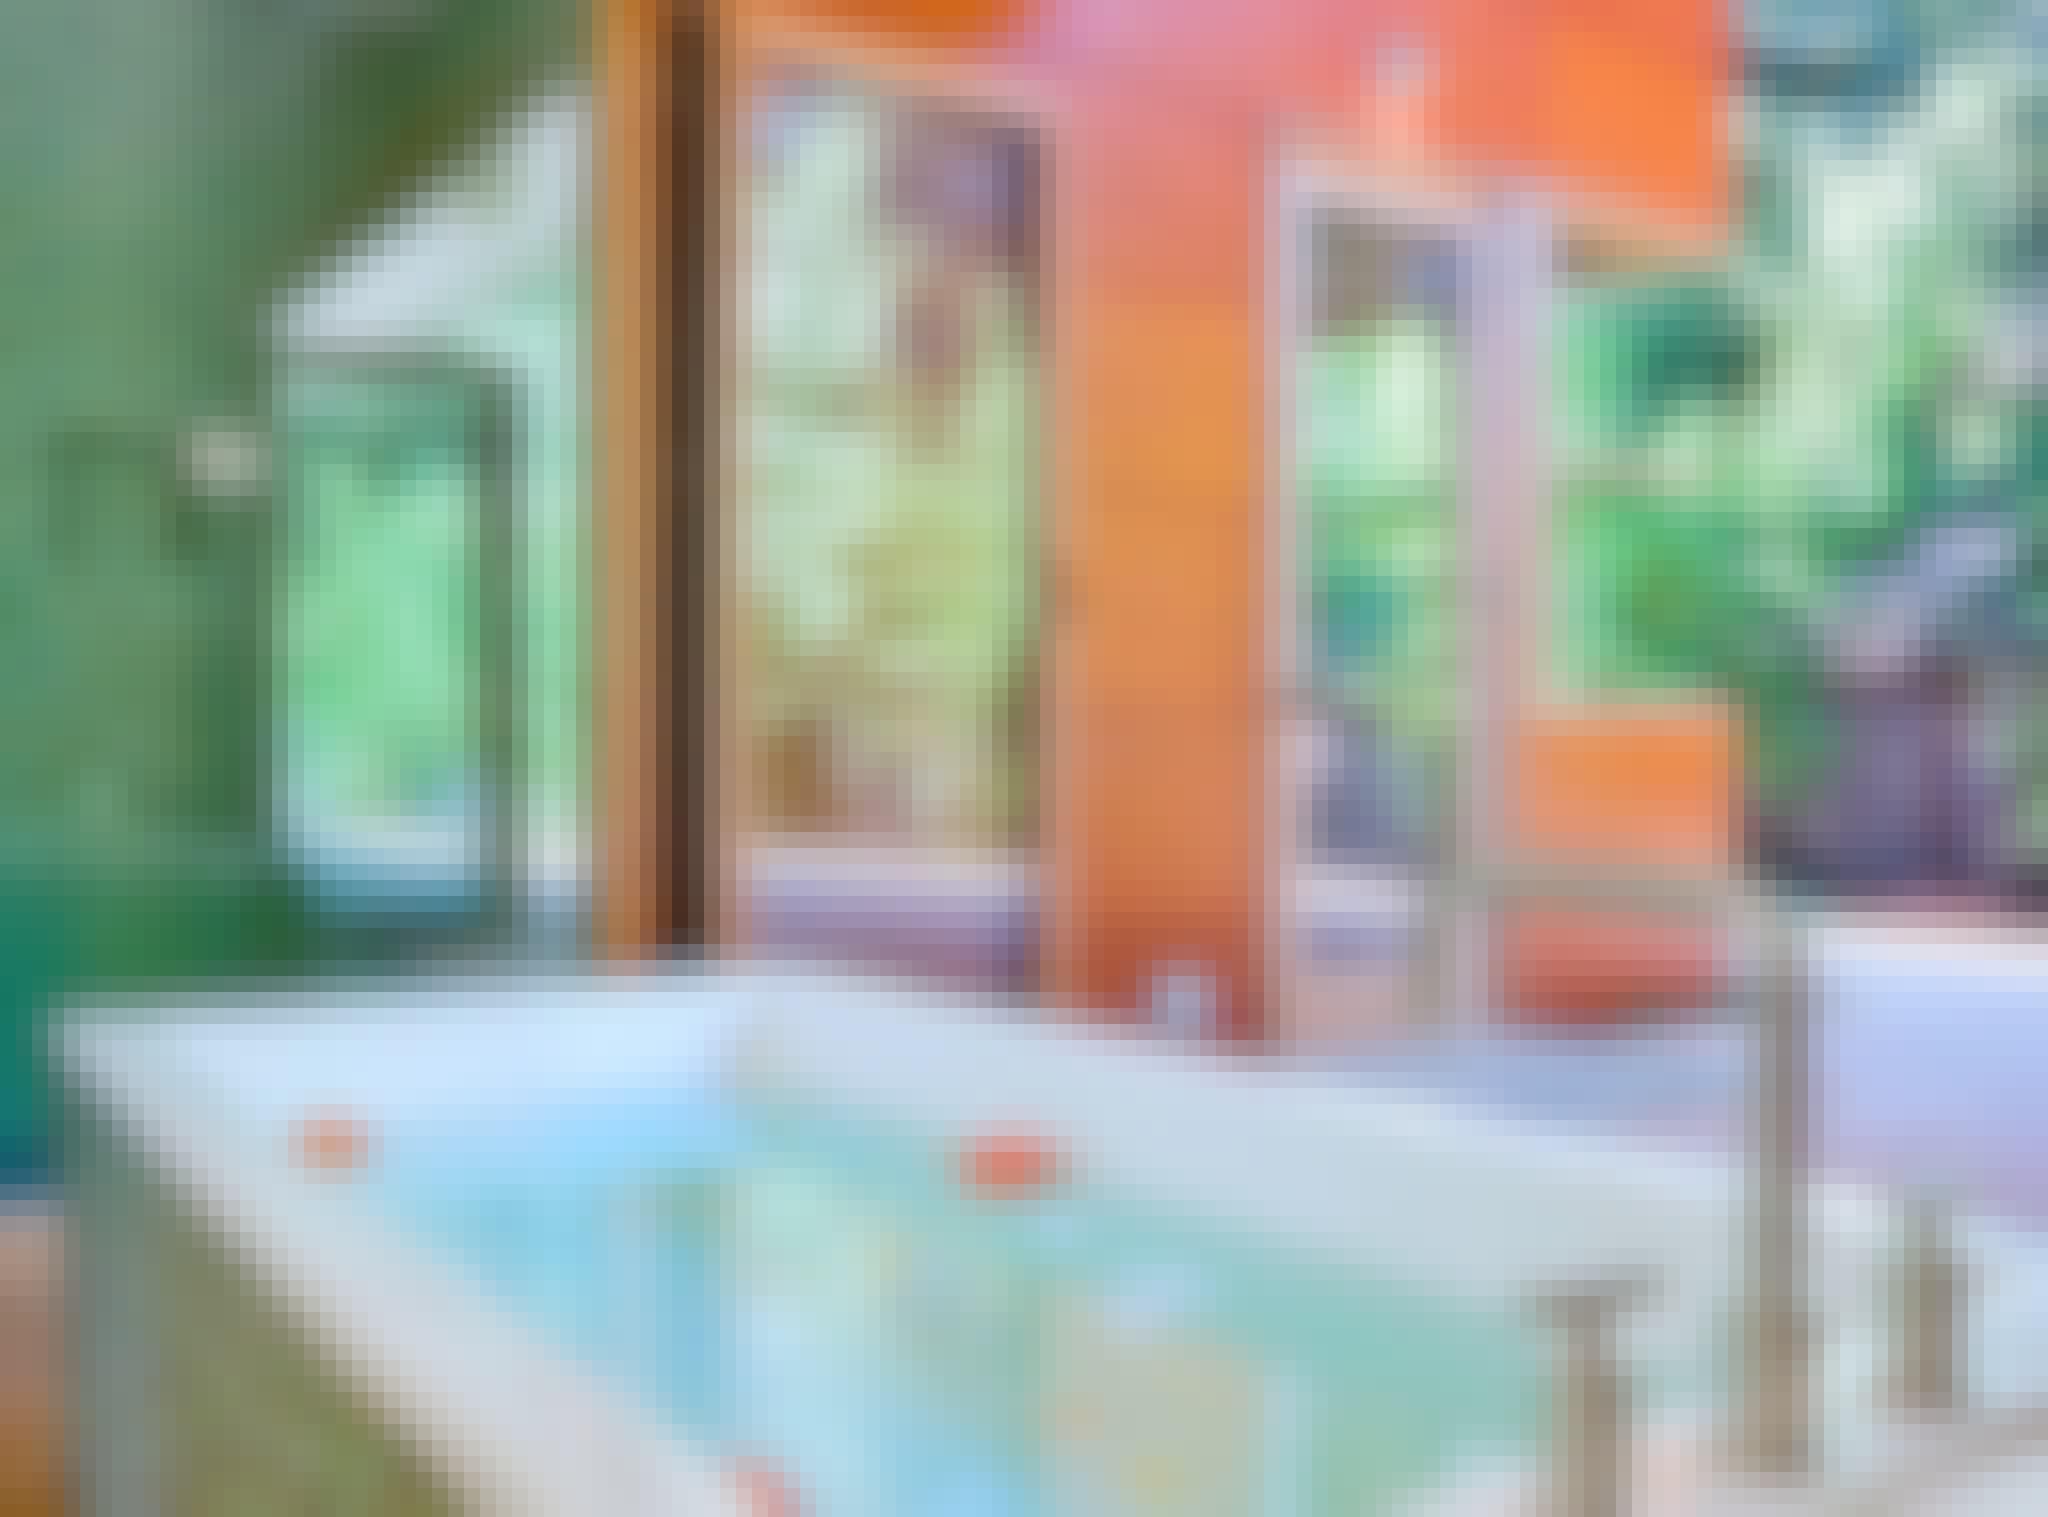 retractable glass doors in bathroom design